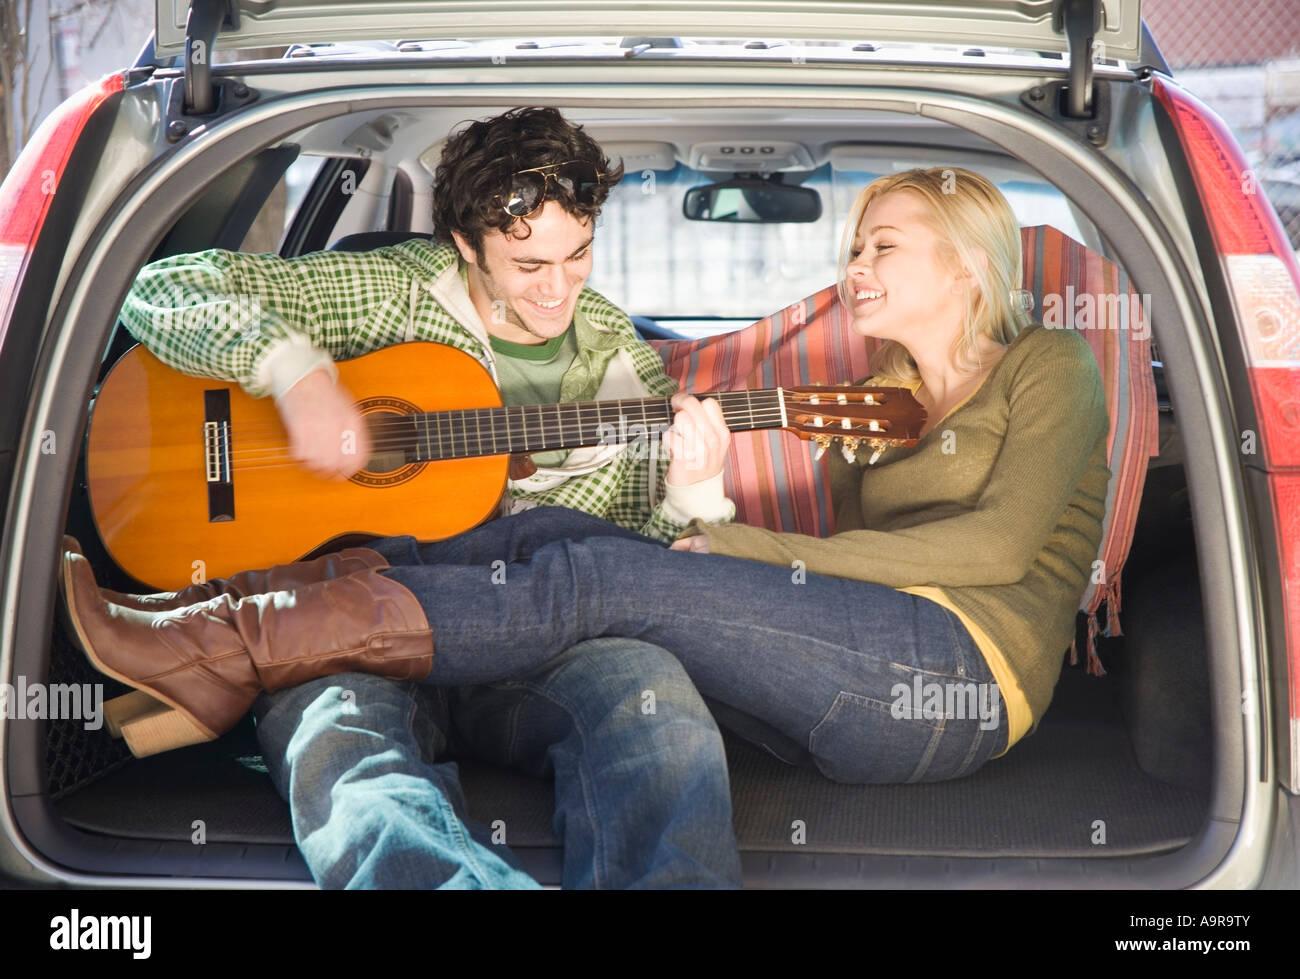 Pareja Sentada en la parte trasera del coche con la guitarra Imagen De Stock